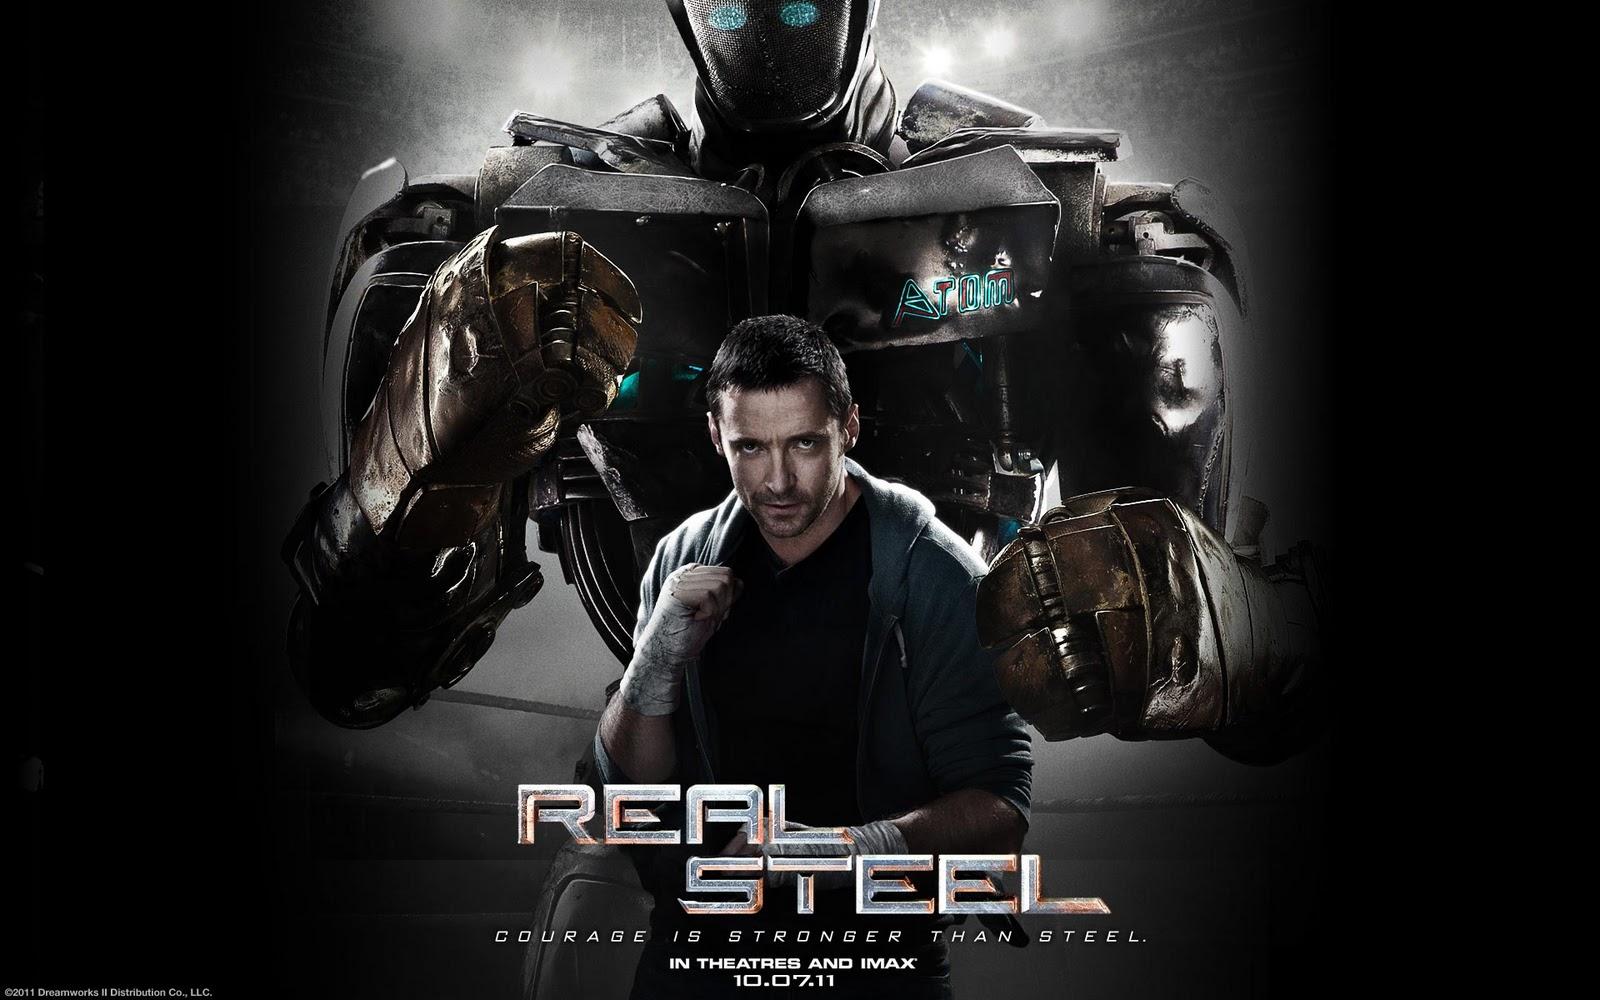 http://2.bp.blogspot.com/-96TXgek2Of0/TqffCqi7UEI/AAAAAAAAAJw/aX0wkBWUCXg/s1600/Real_Steel_Wallpaper_05.jpg